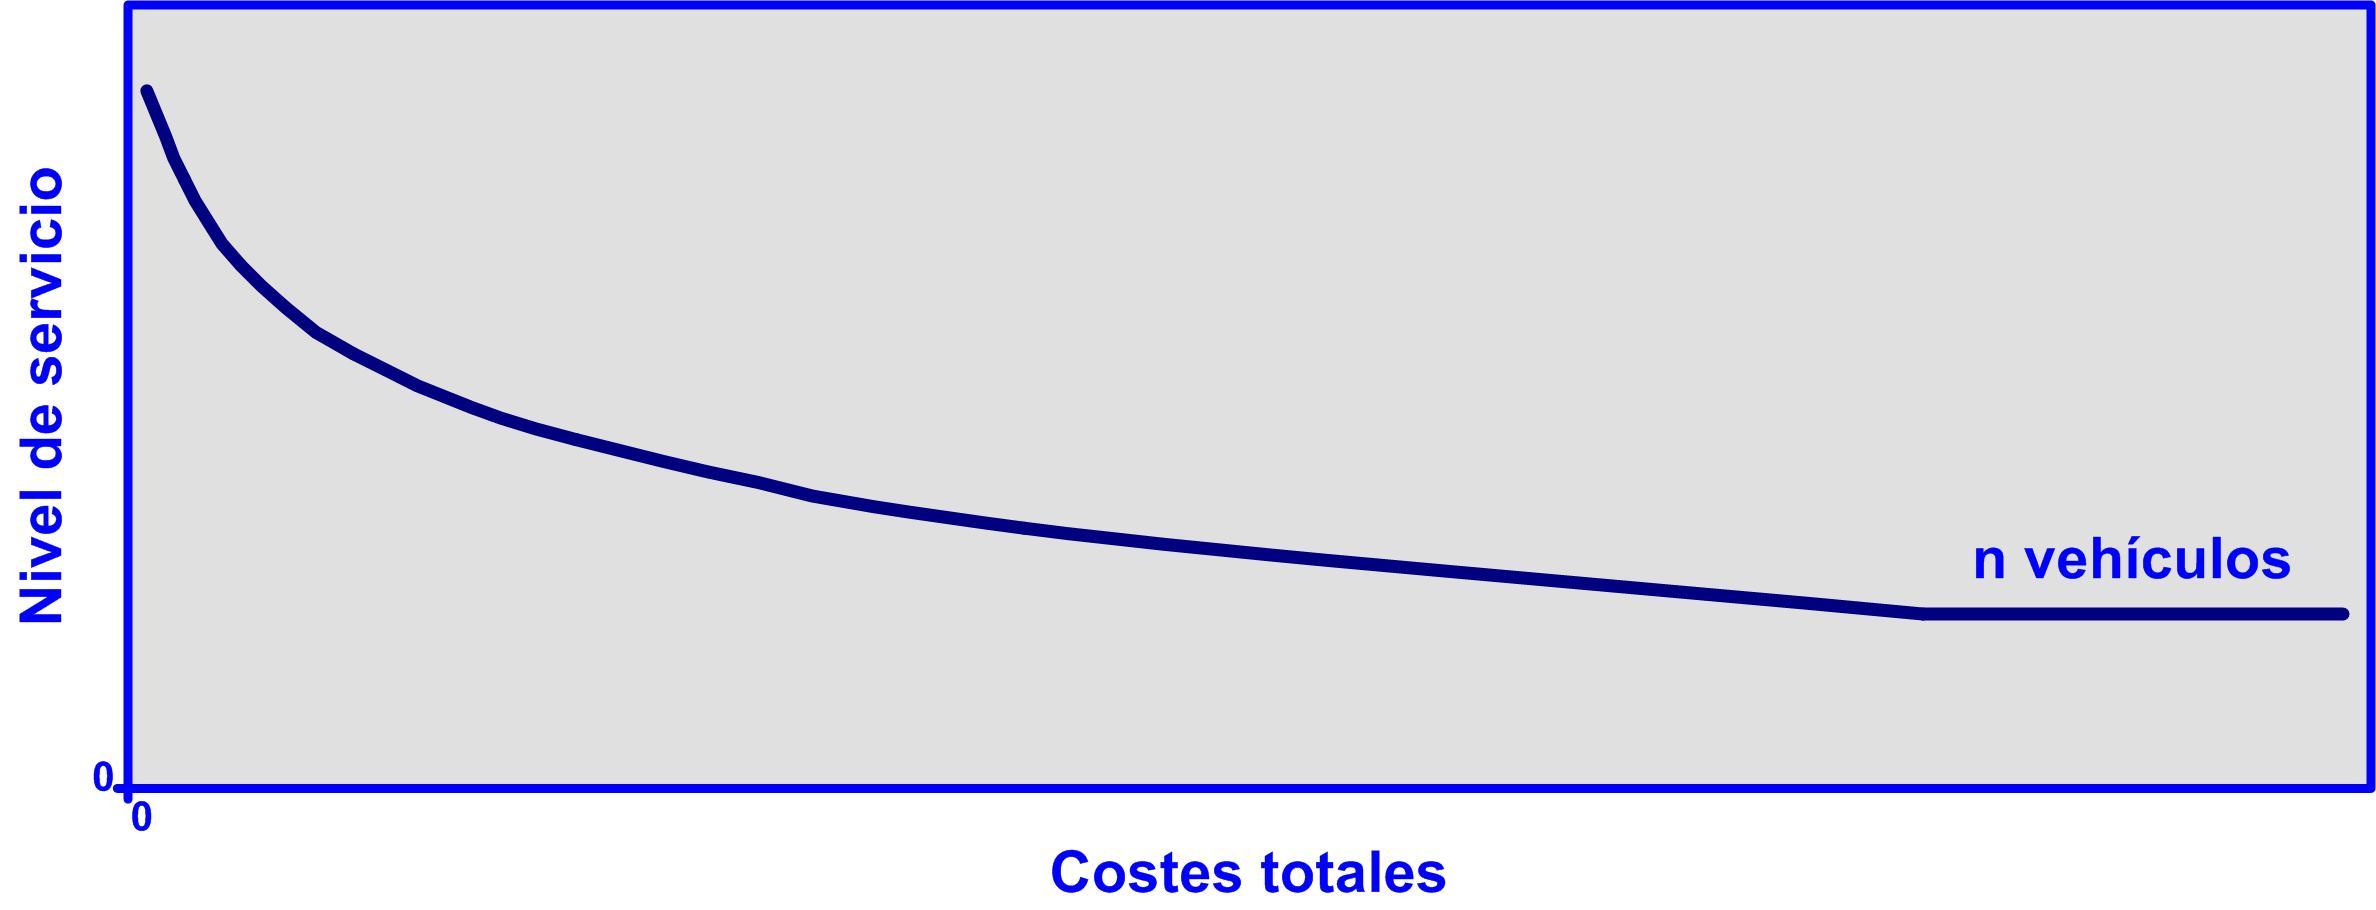 Gráfico 11 10092015 Nivel de servicio coste total generico